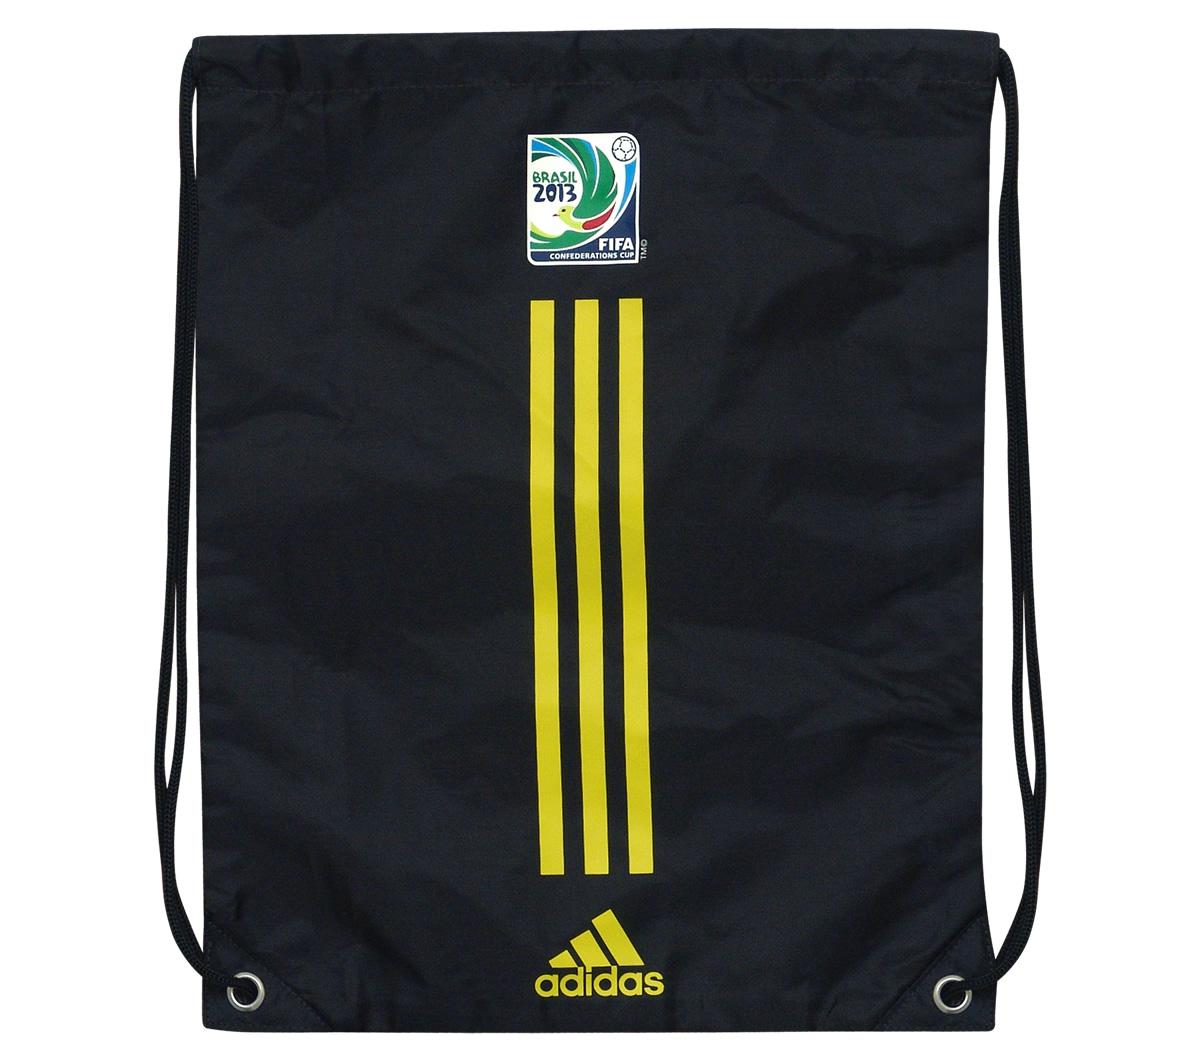 Bolsa Adidas Gymsack Cafusa Copa das Confederações